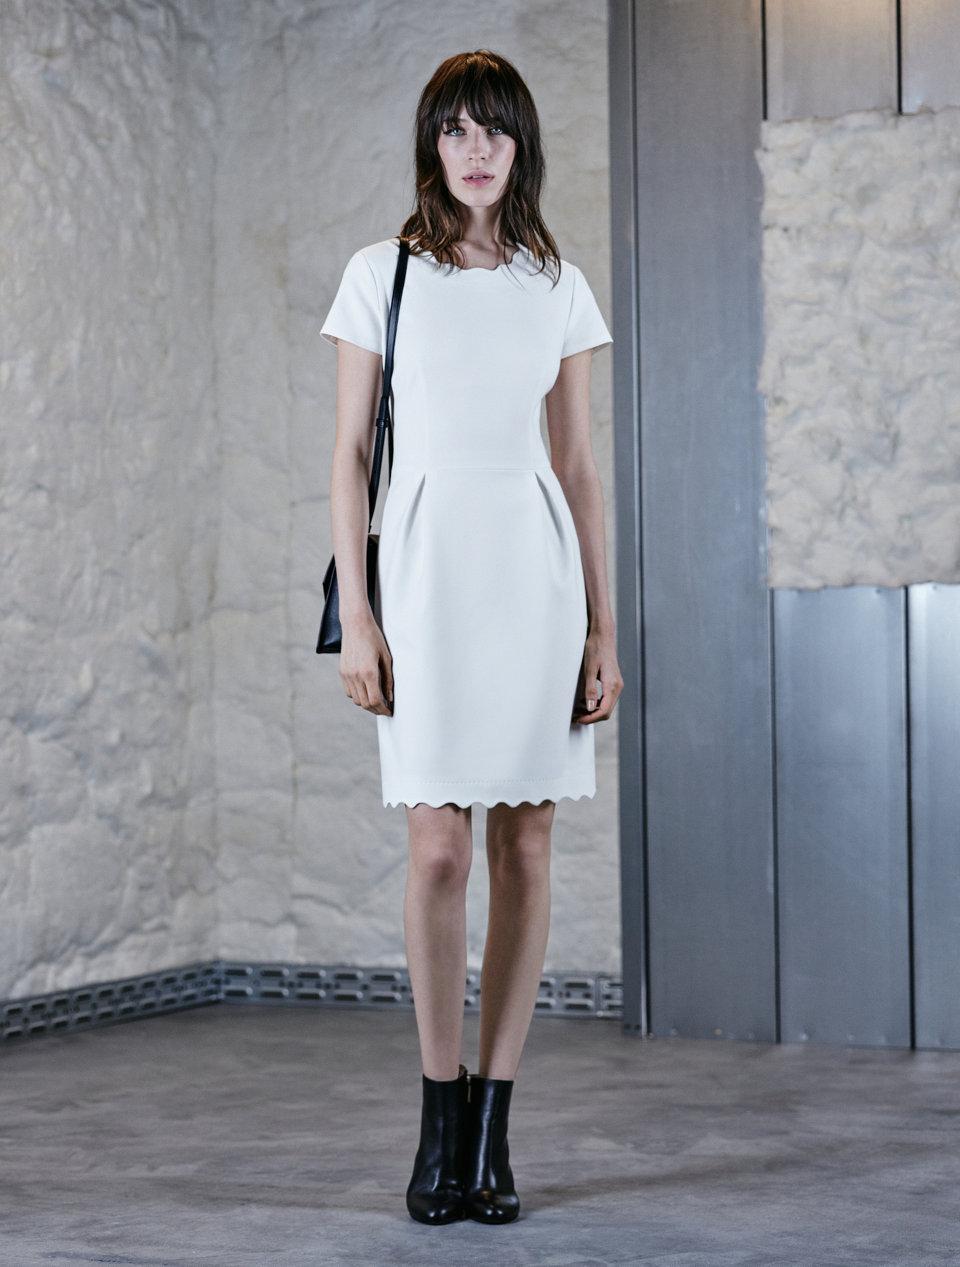 White short-sleeved dress.